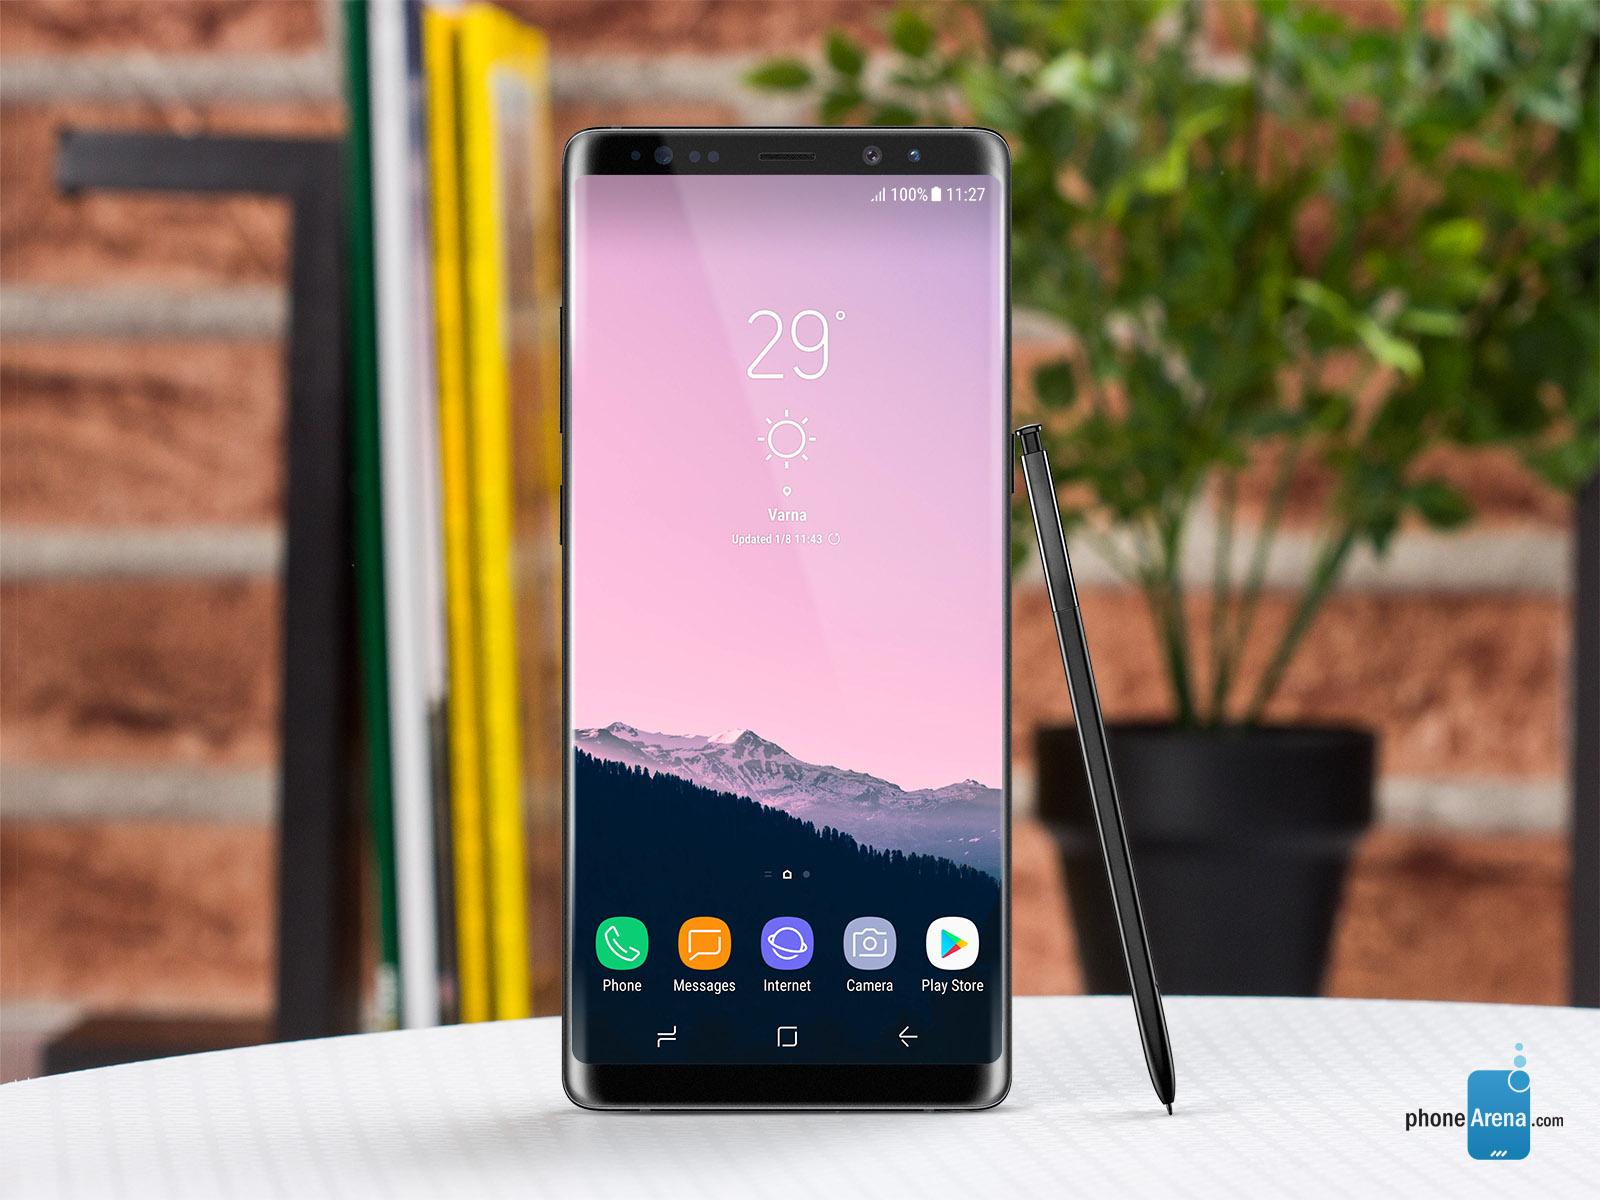 فوری: سامسونگ گلکسی نوت 8 (Galaxy Note 8) امتیاز 179,000 را از آنتوتو بدست آورد